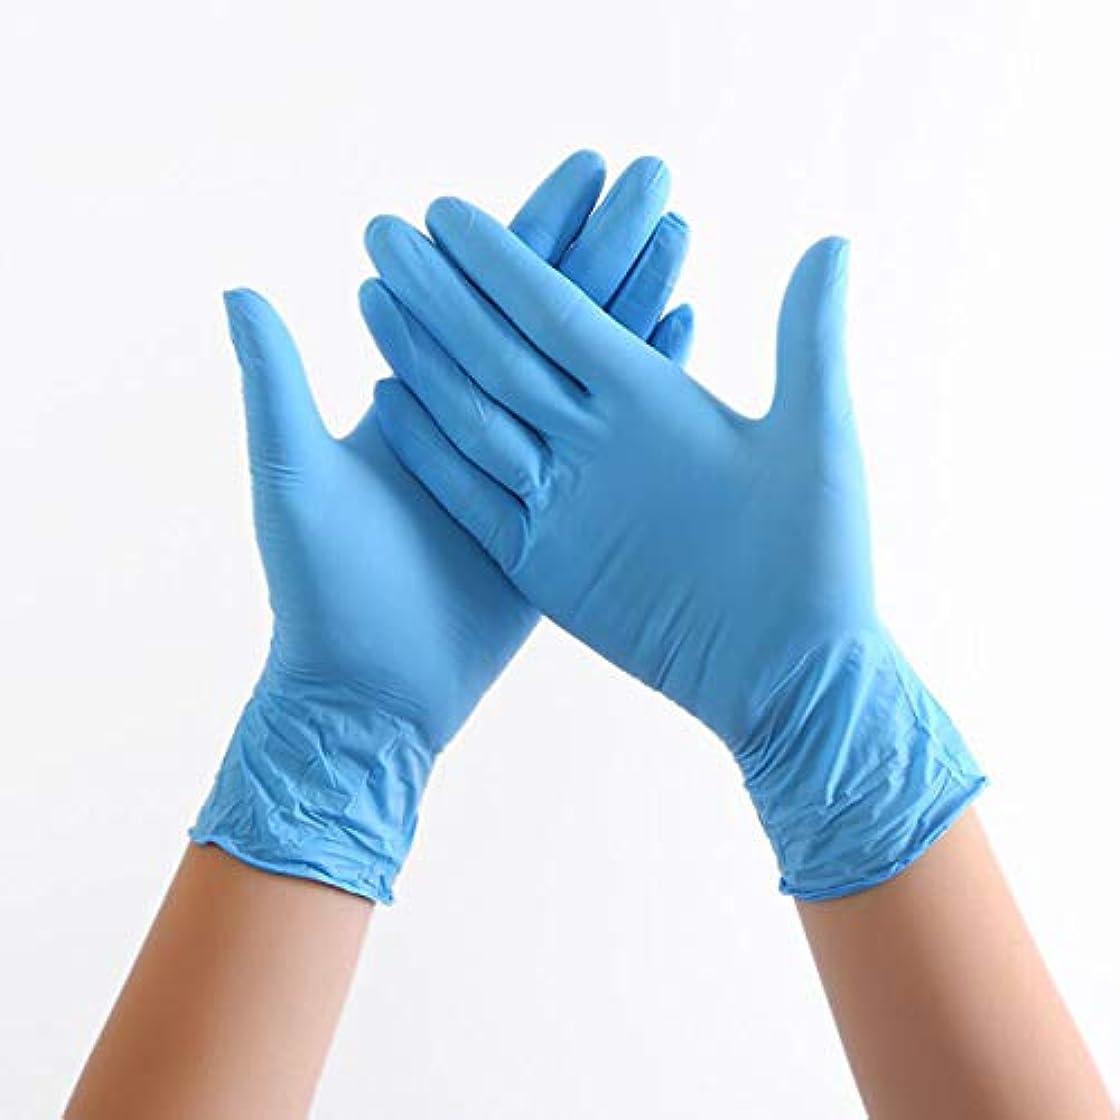 電気的眼一時解雇するニトリルグローブ 使い捨て手袋 グローブ パウダーフリー 作業 介護 調理 炊事 園芸 掃除用,Blue100,L